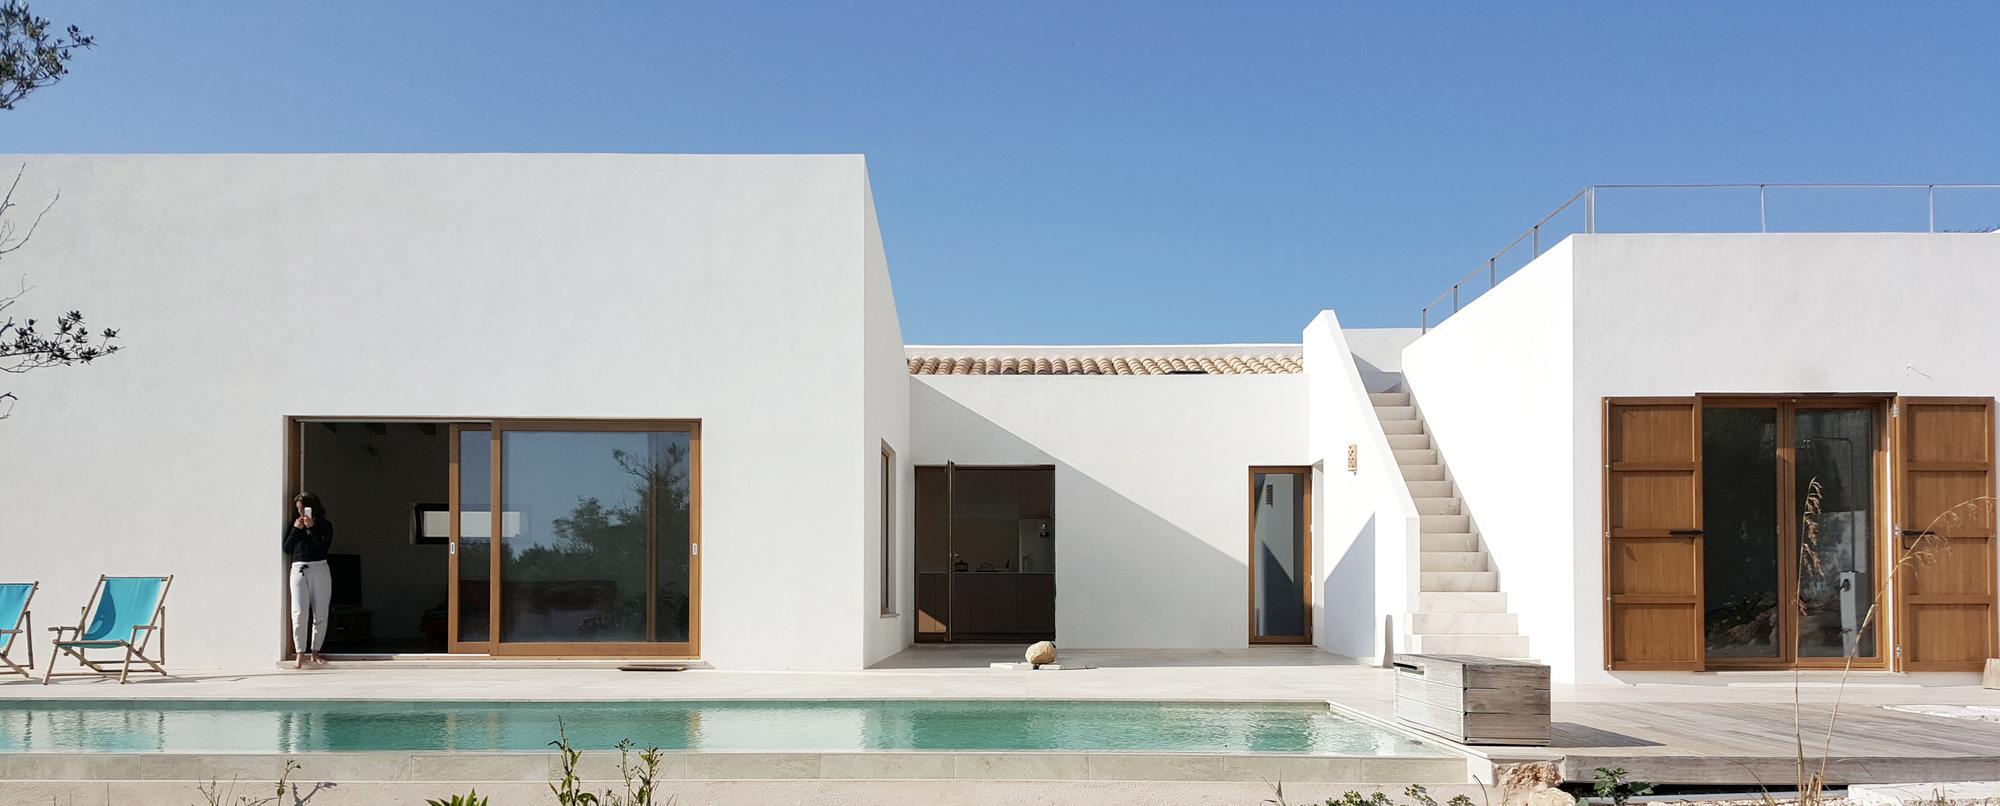 Casa PI / Munarq arquitectes